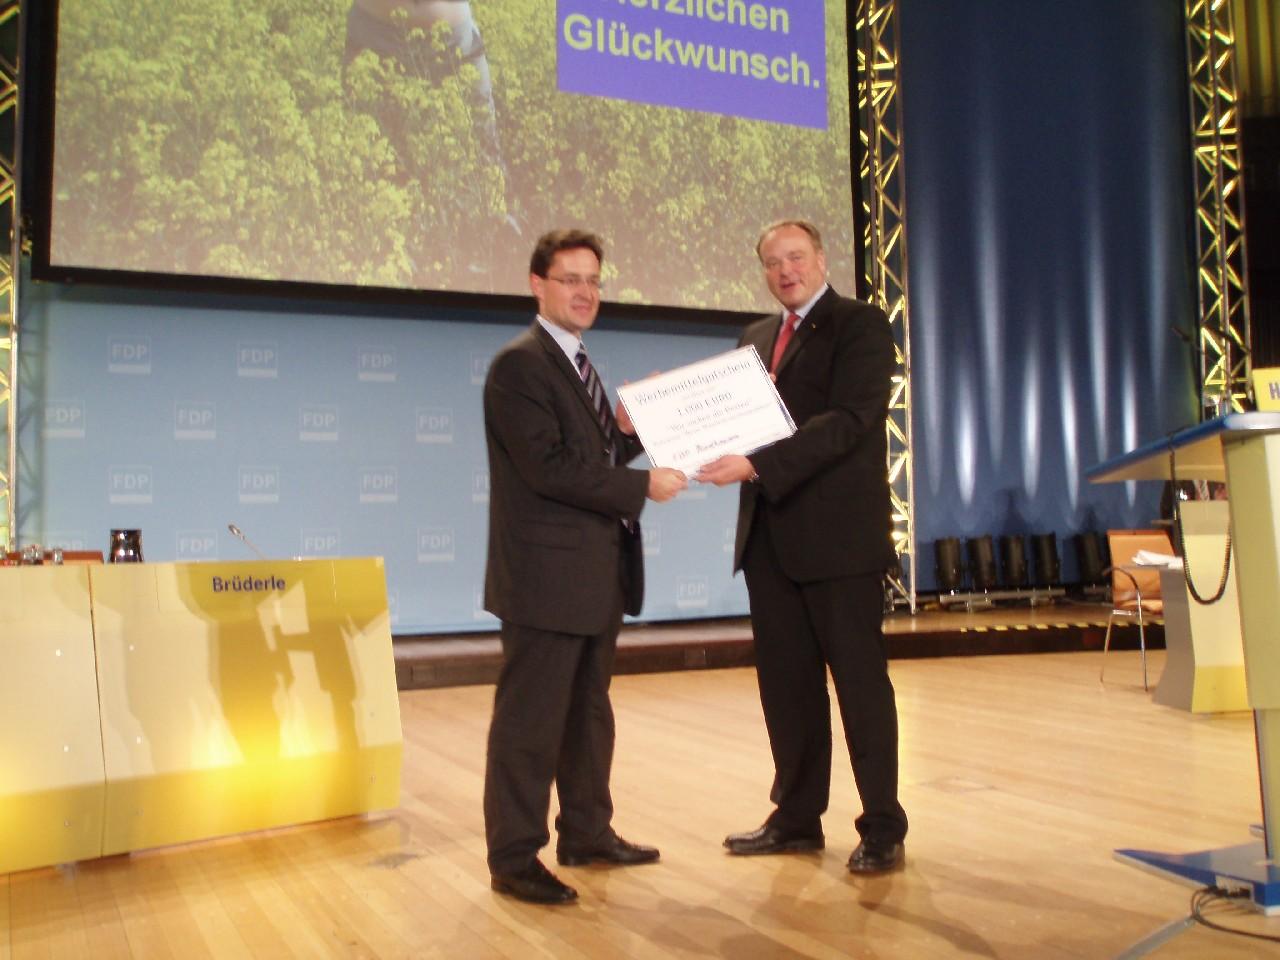 Dirk Niebel gratuliert Claus Peter Roßberg